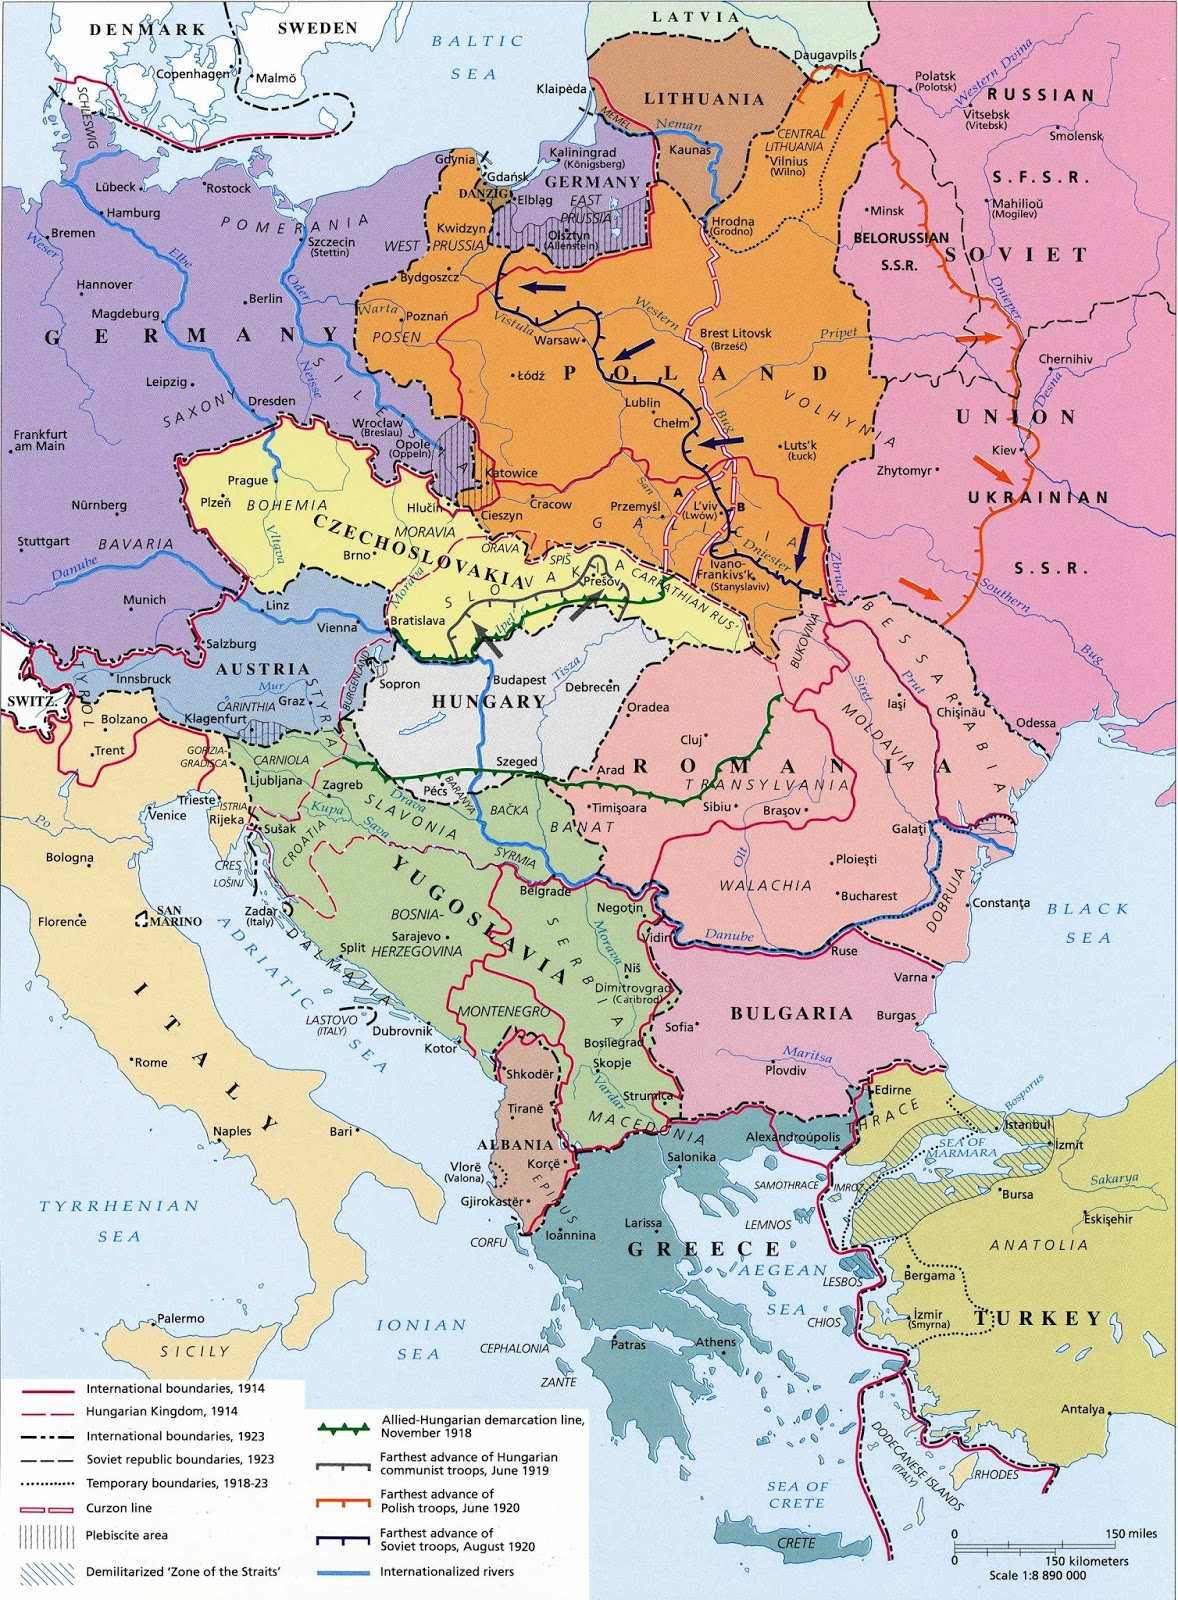 Central-Eastern Europe after World War I